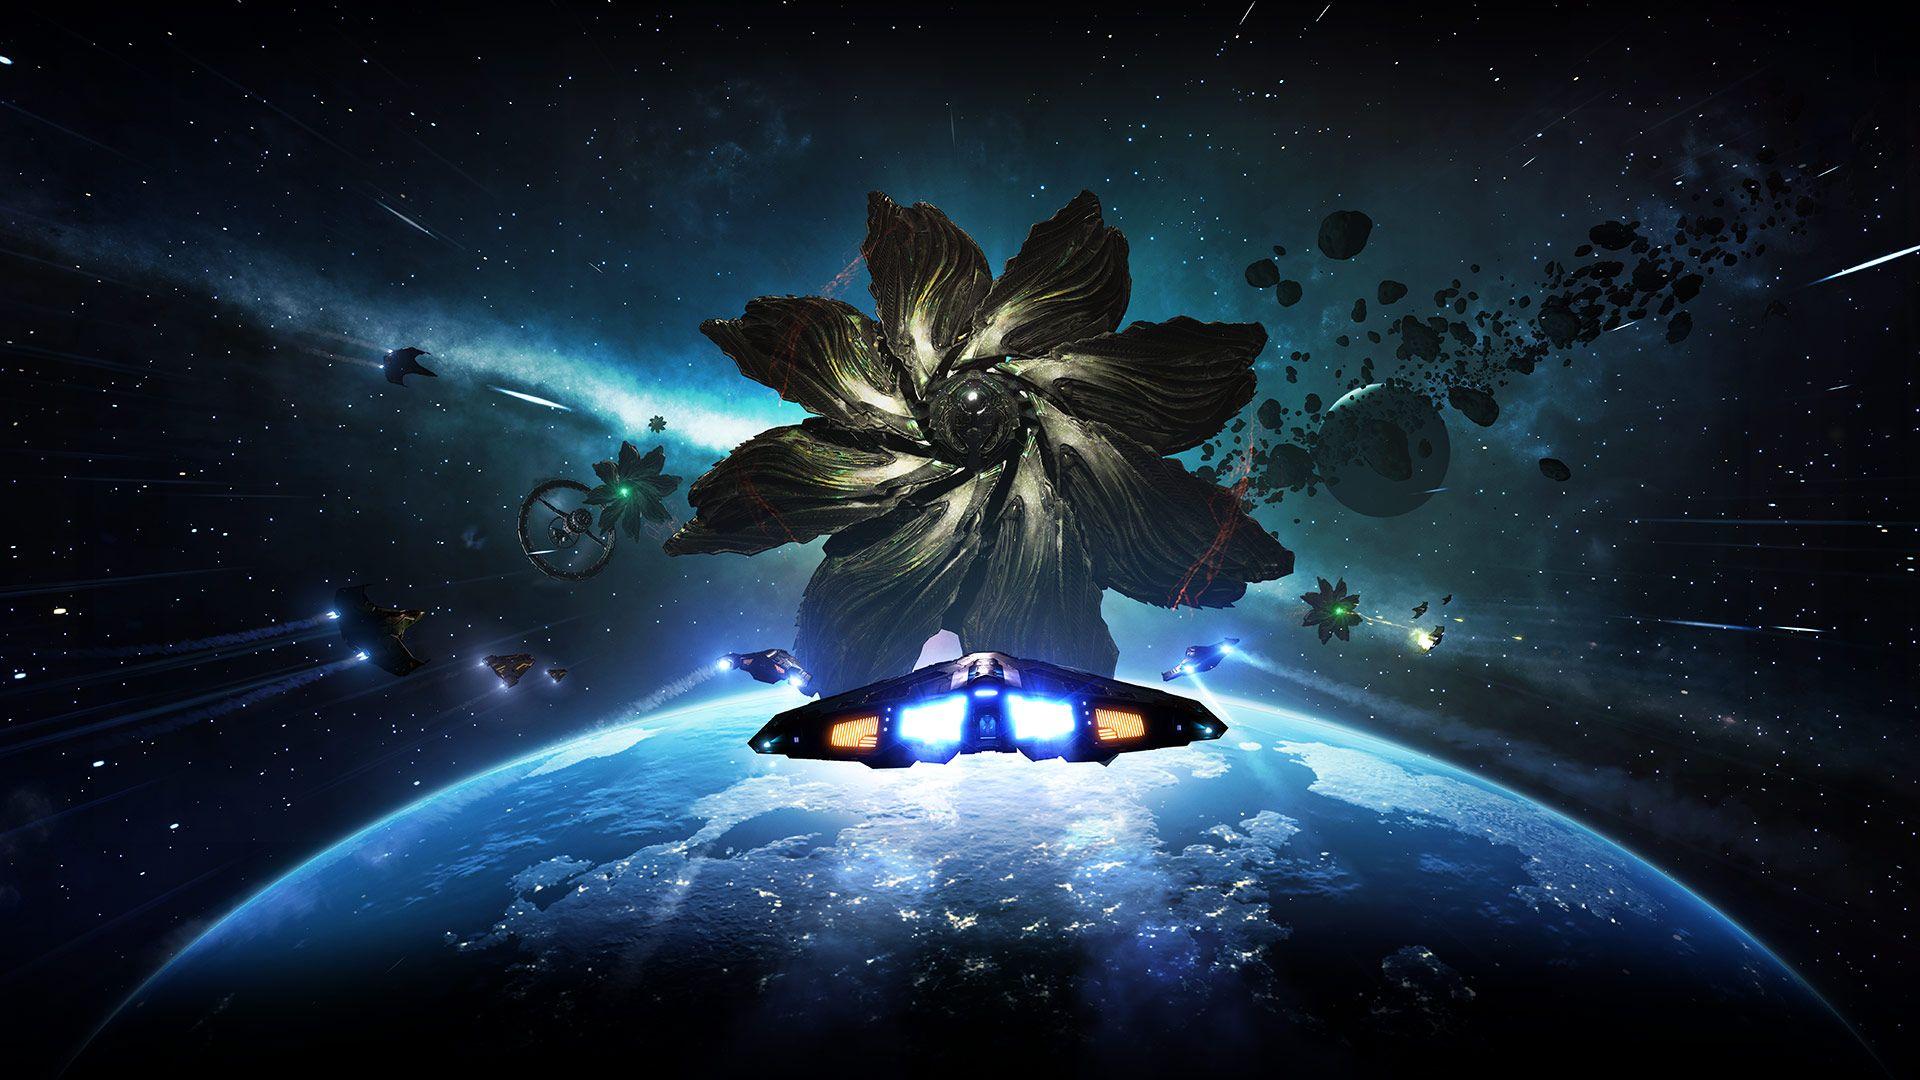 Aliens wie in Elite Dangerous könnte es wirklich geben, sagt Astrobiologe